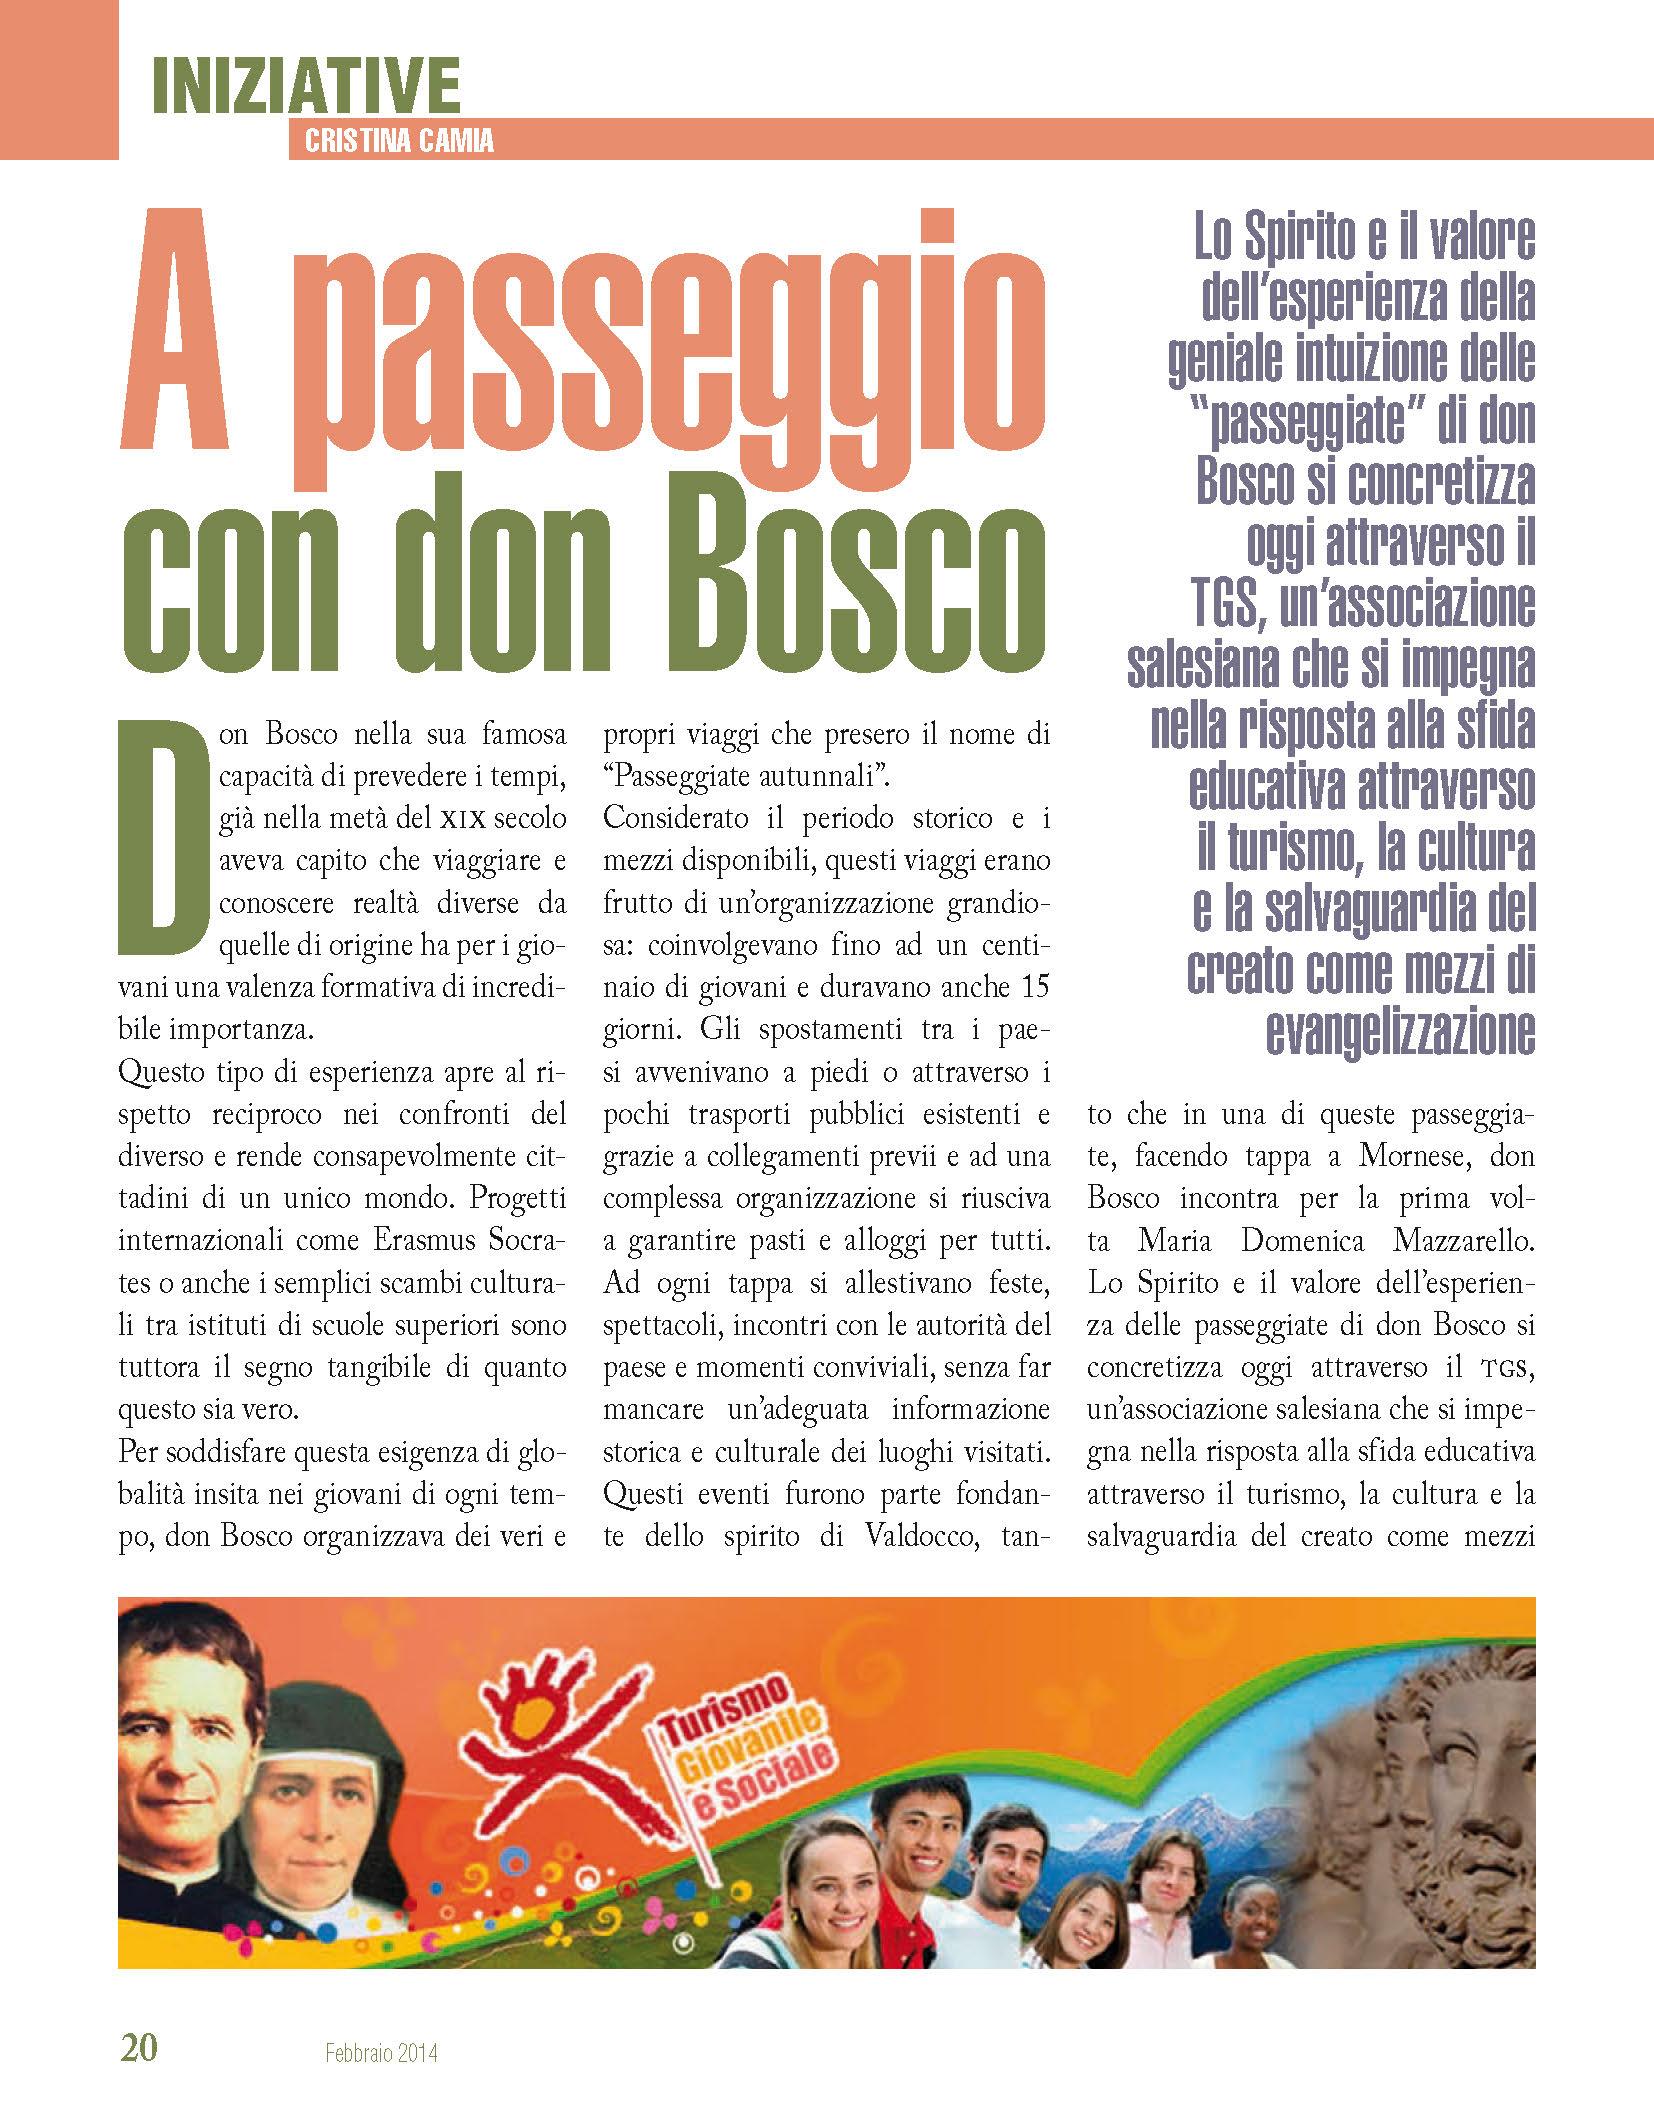 Bollettino Salesiano - Febbraio 2014 - A passeggio con don Bosco_Page_1